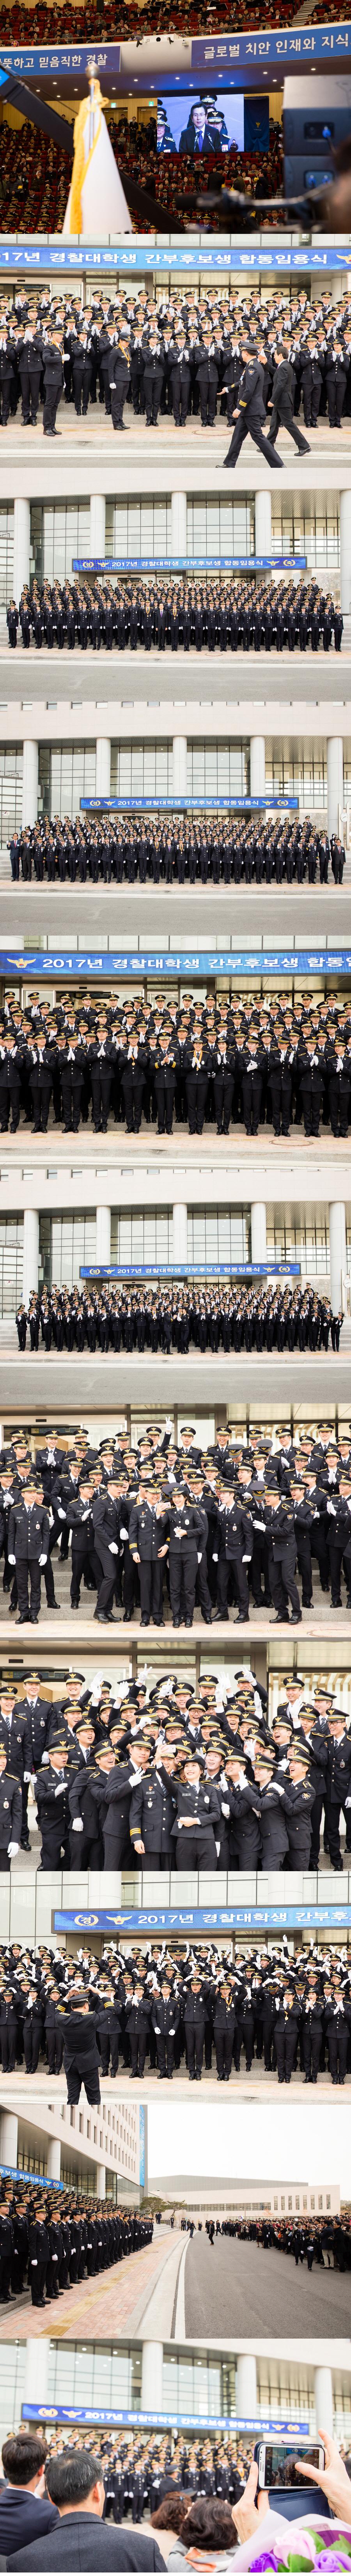 경찰대·간부후보생 167명 합동임용식 개최